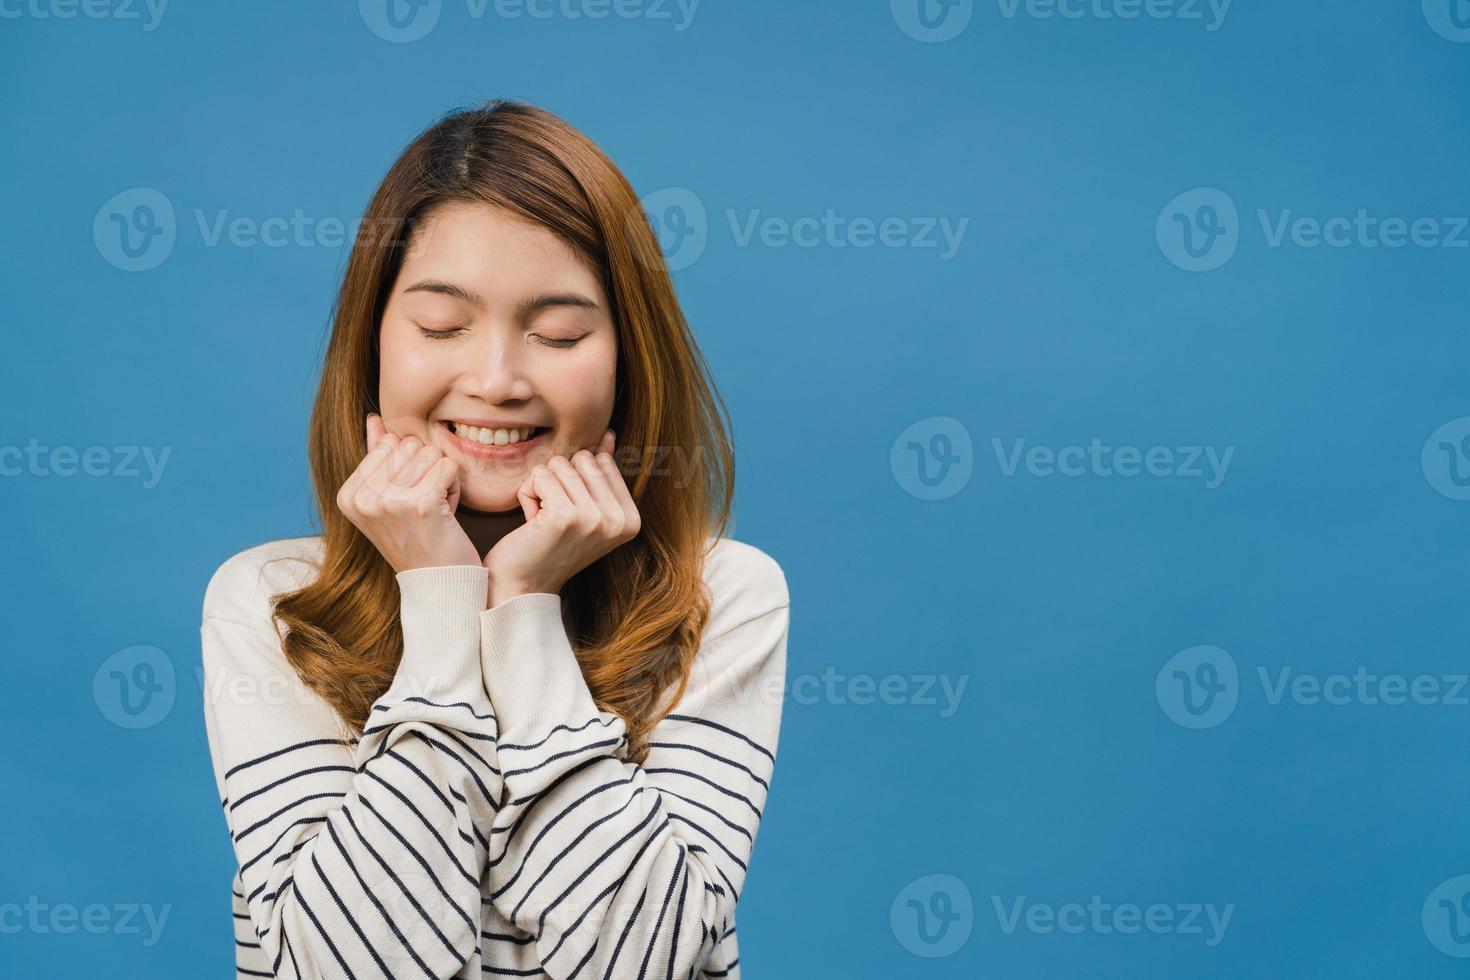 jeune femme asiatique à l'expression positive, sourit largement, vêtue de vêtements décontractés et ferme les yeux sur fond bleu. heureuse adorable femme heureuse se réjouit du succès. concept d'expression faciale. photo